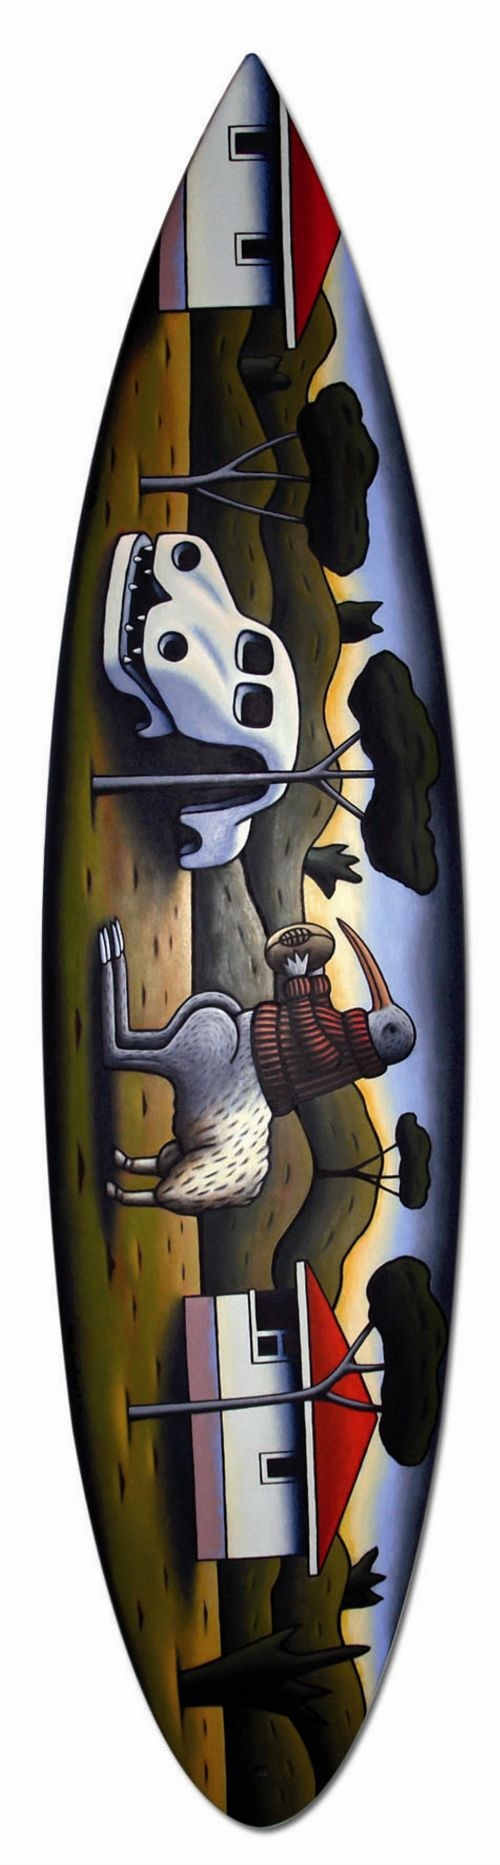 Reg Mombassa surfboard